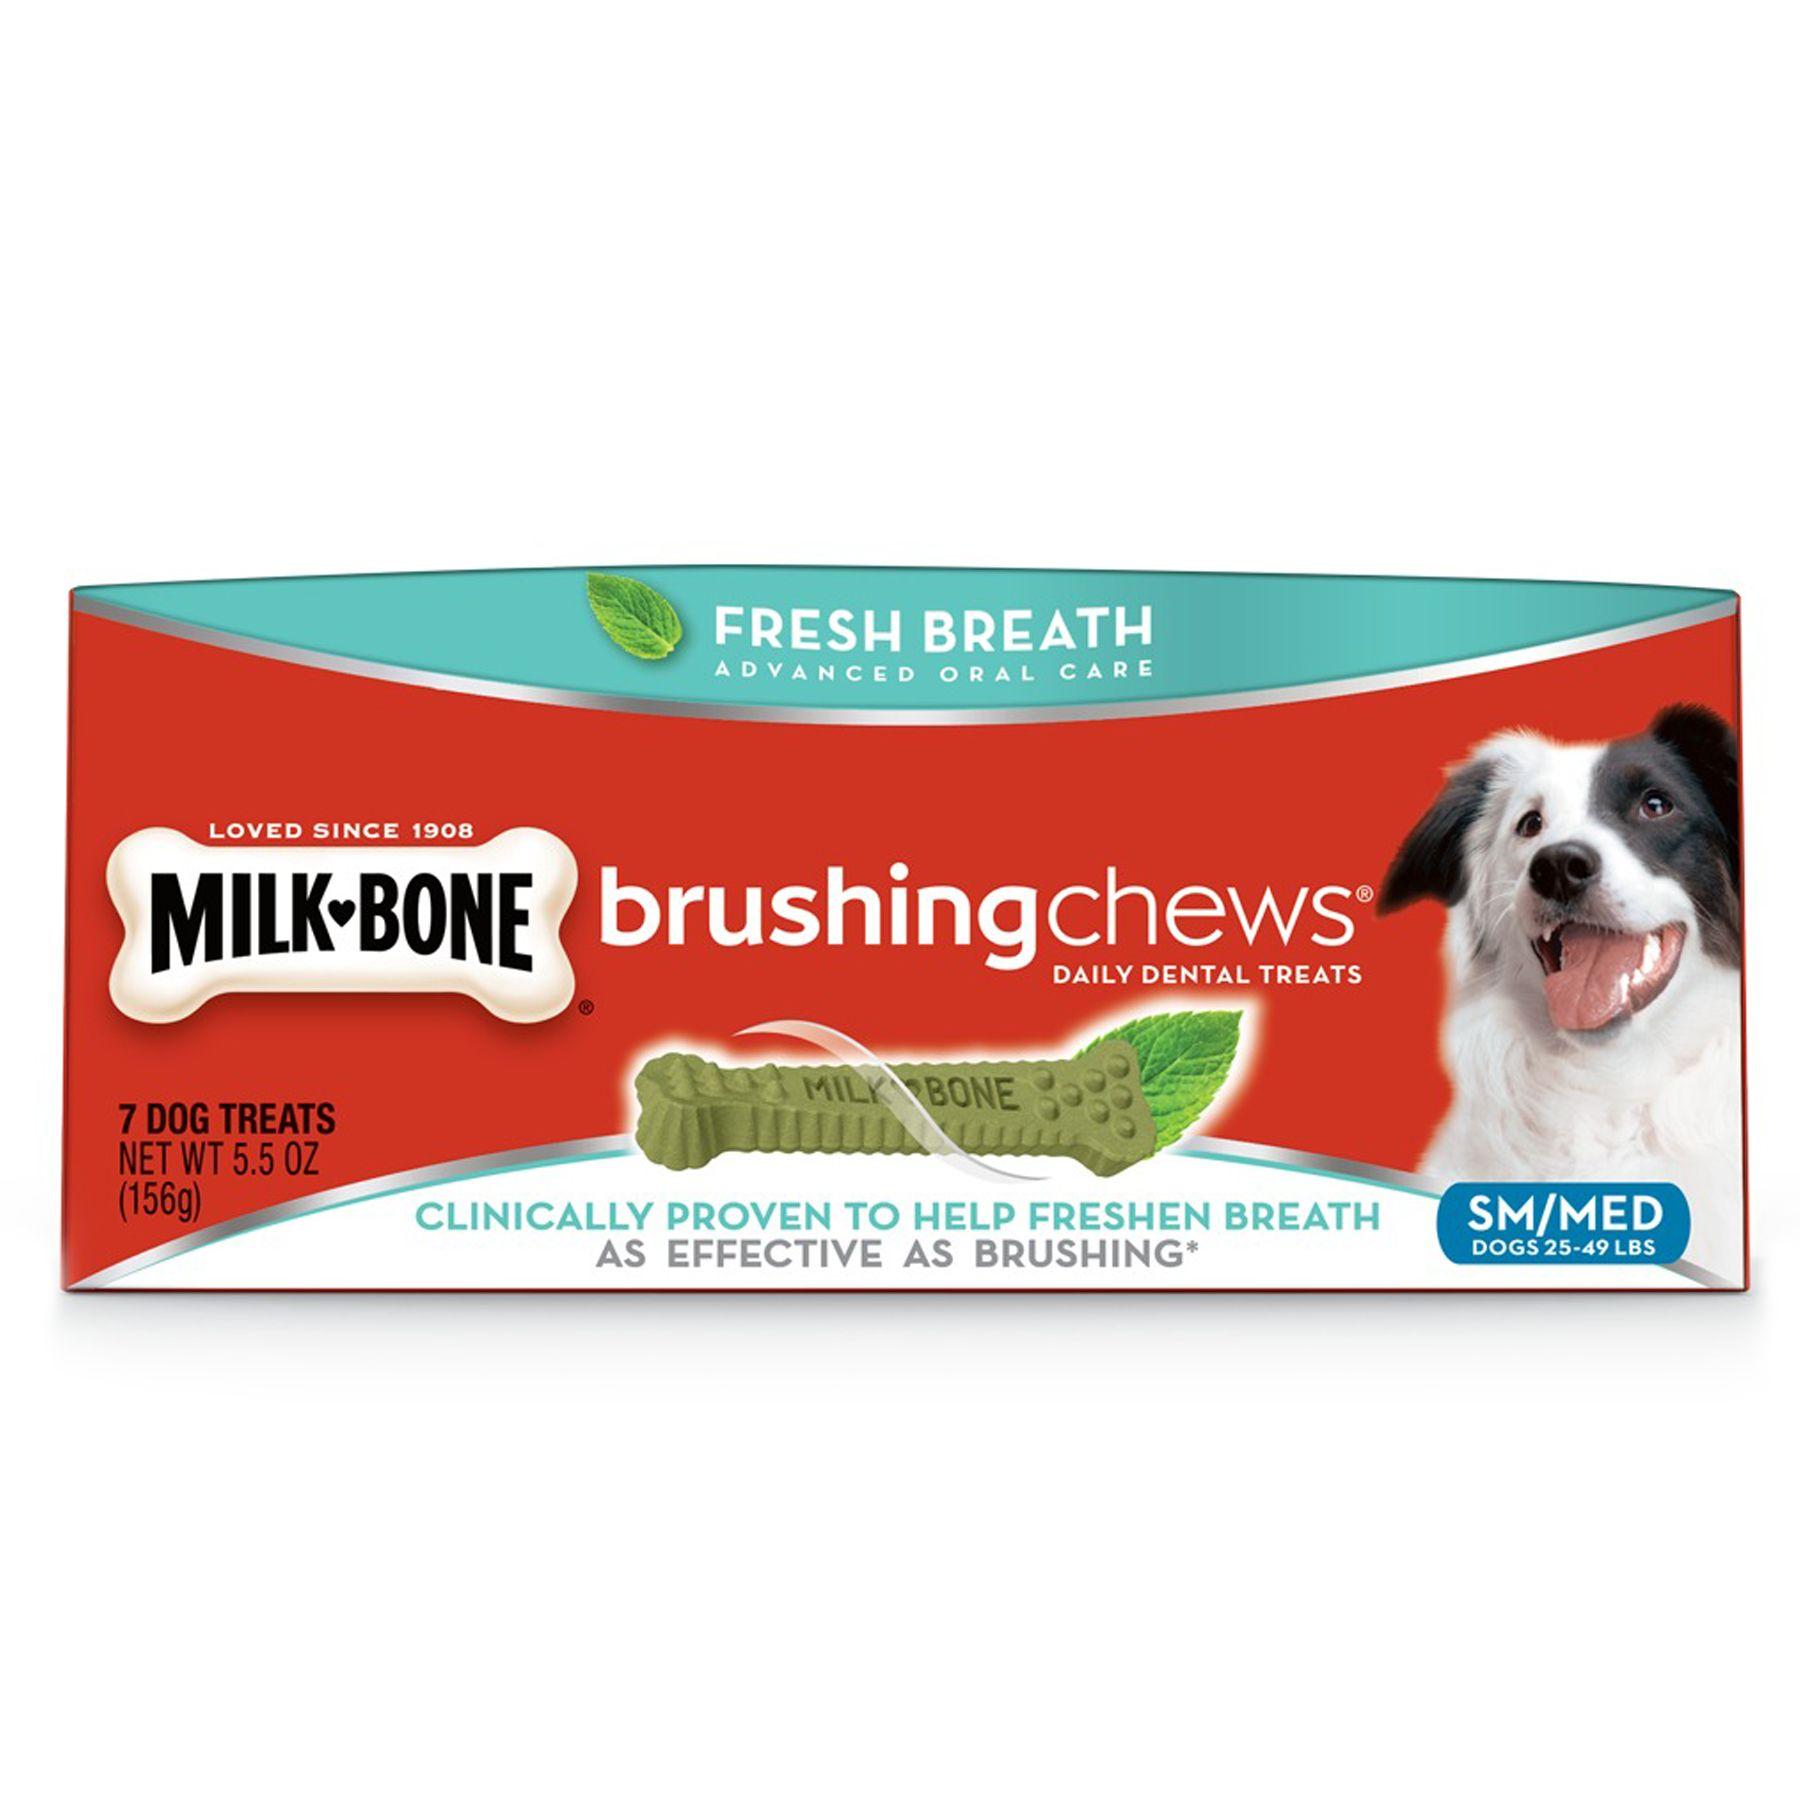 Milk-Bone Brushing Chews Dental Dog Treat - Small/Medium size: 5.5 Oz, Dry, Rice 5249594